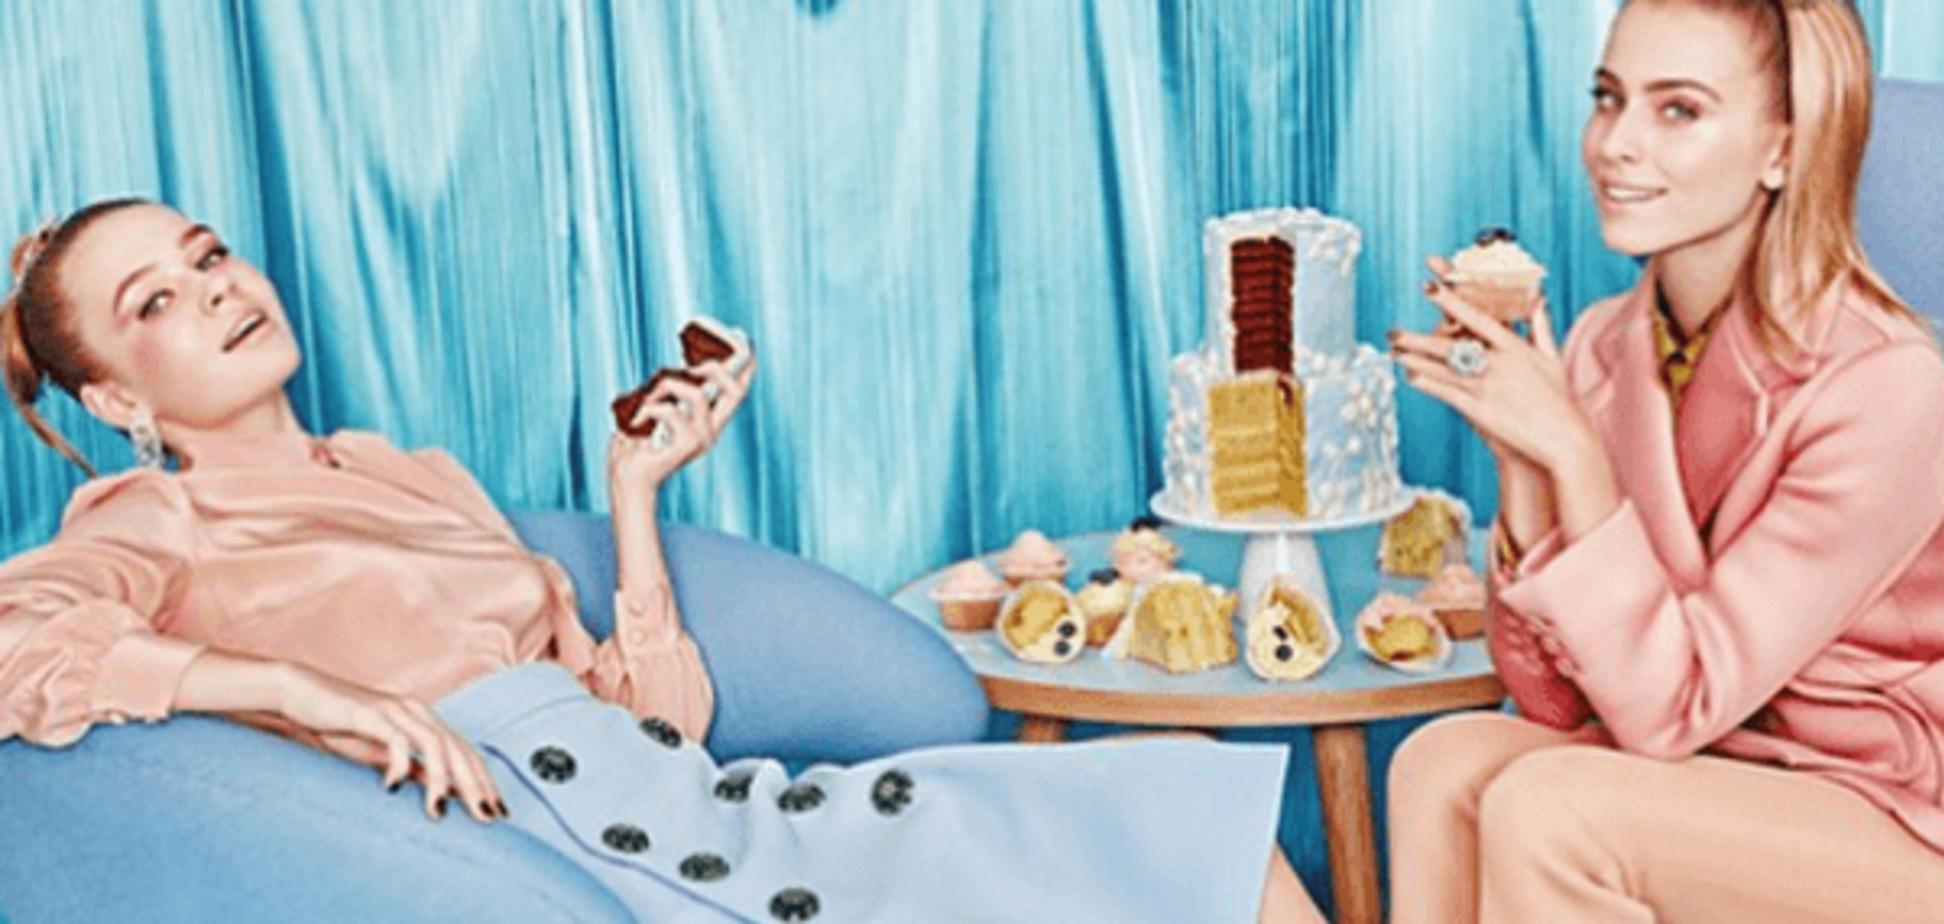 Совсем взрослые: дочь Брежневой и внучка Ротару снялись в совместной фотосессии